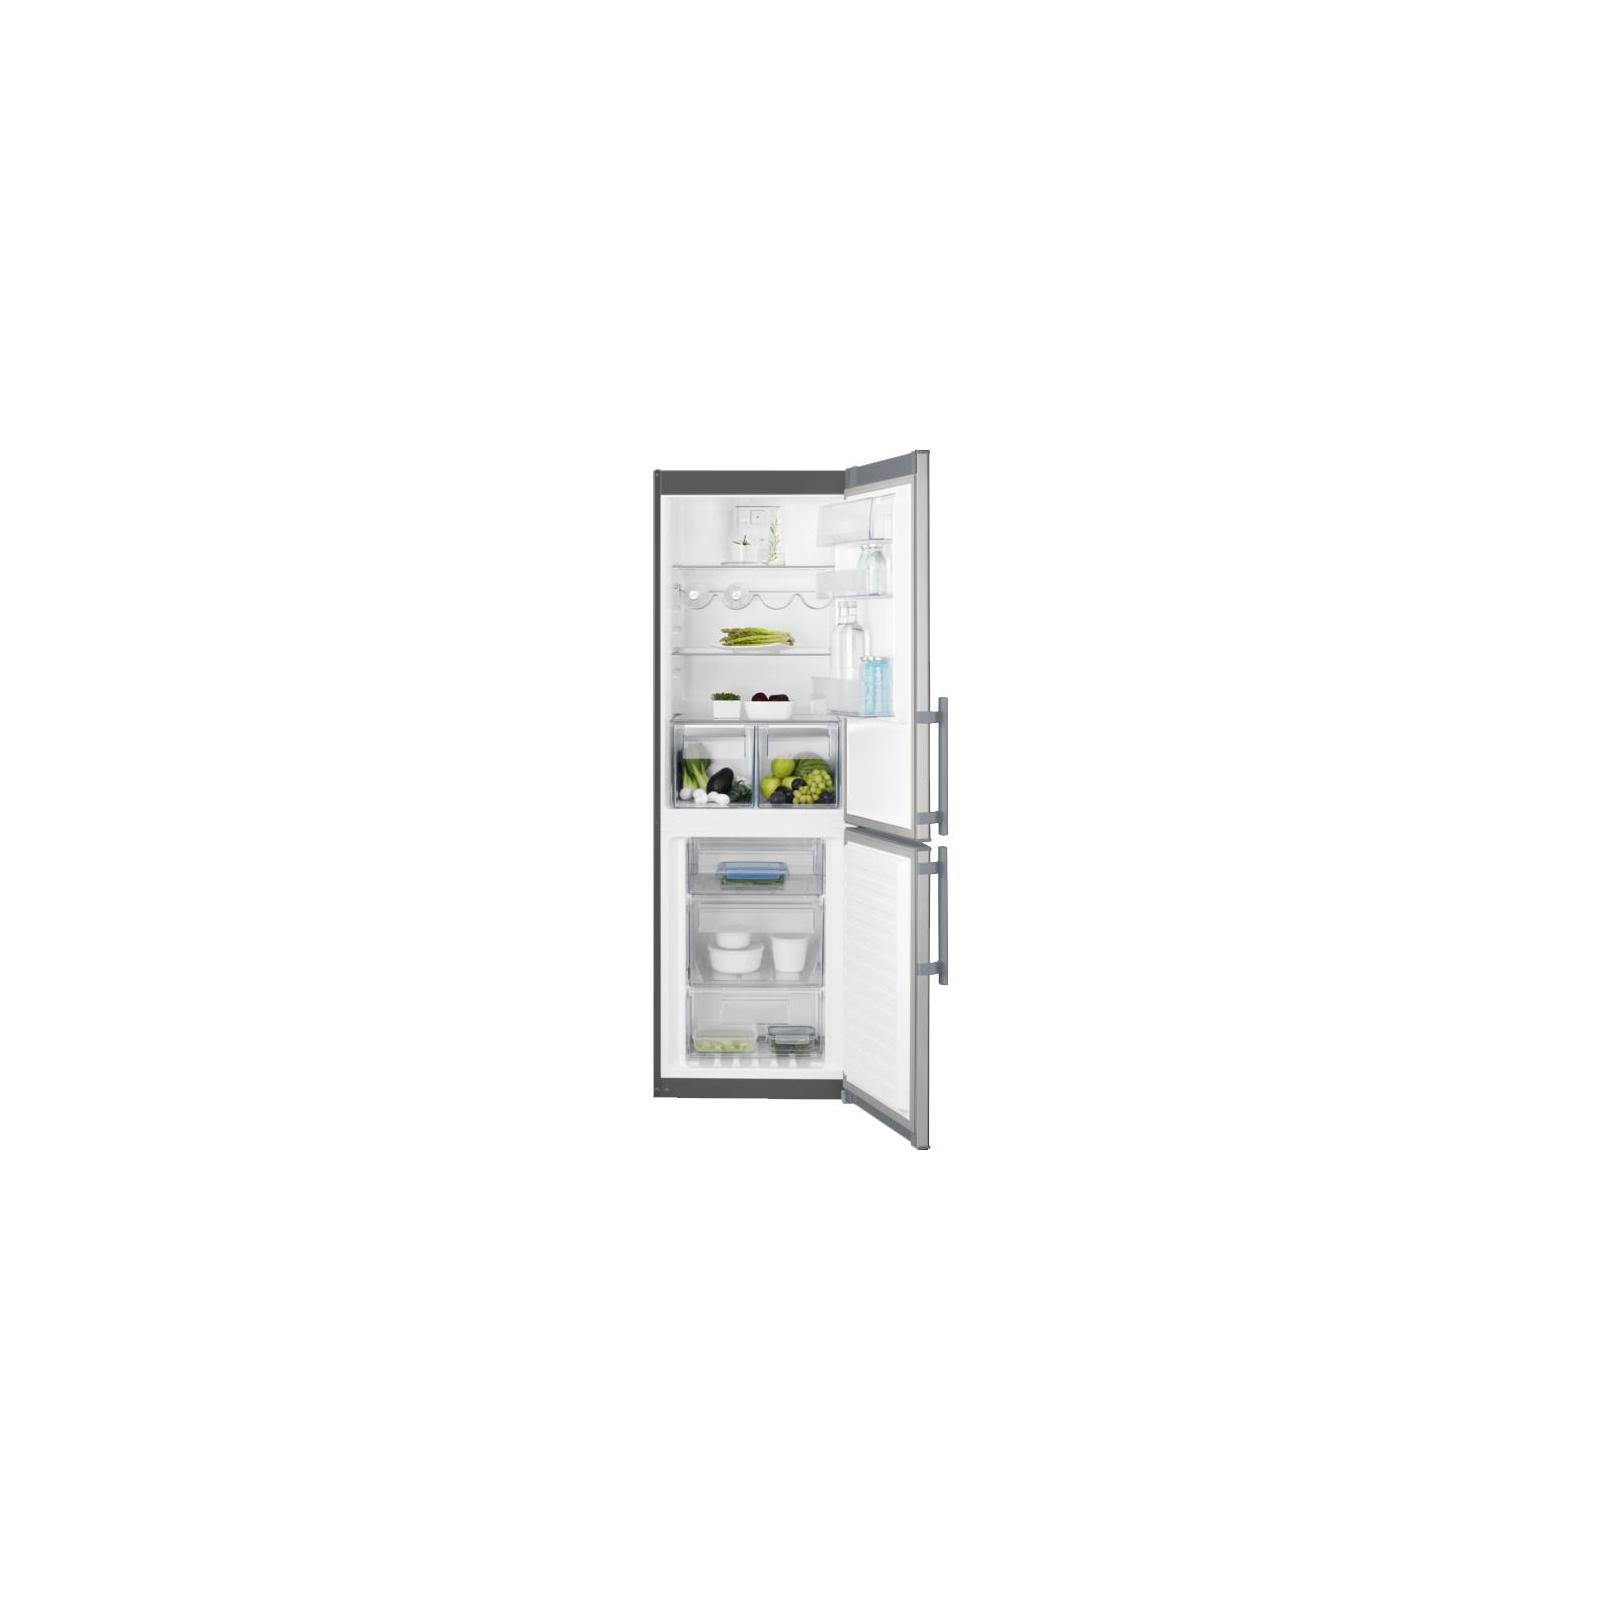 Холодильник ELECTROLUX EN3452JOX изображение 2